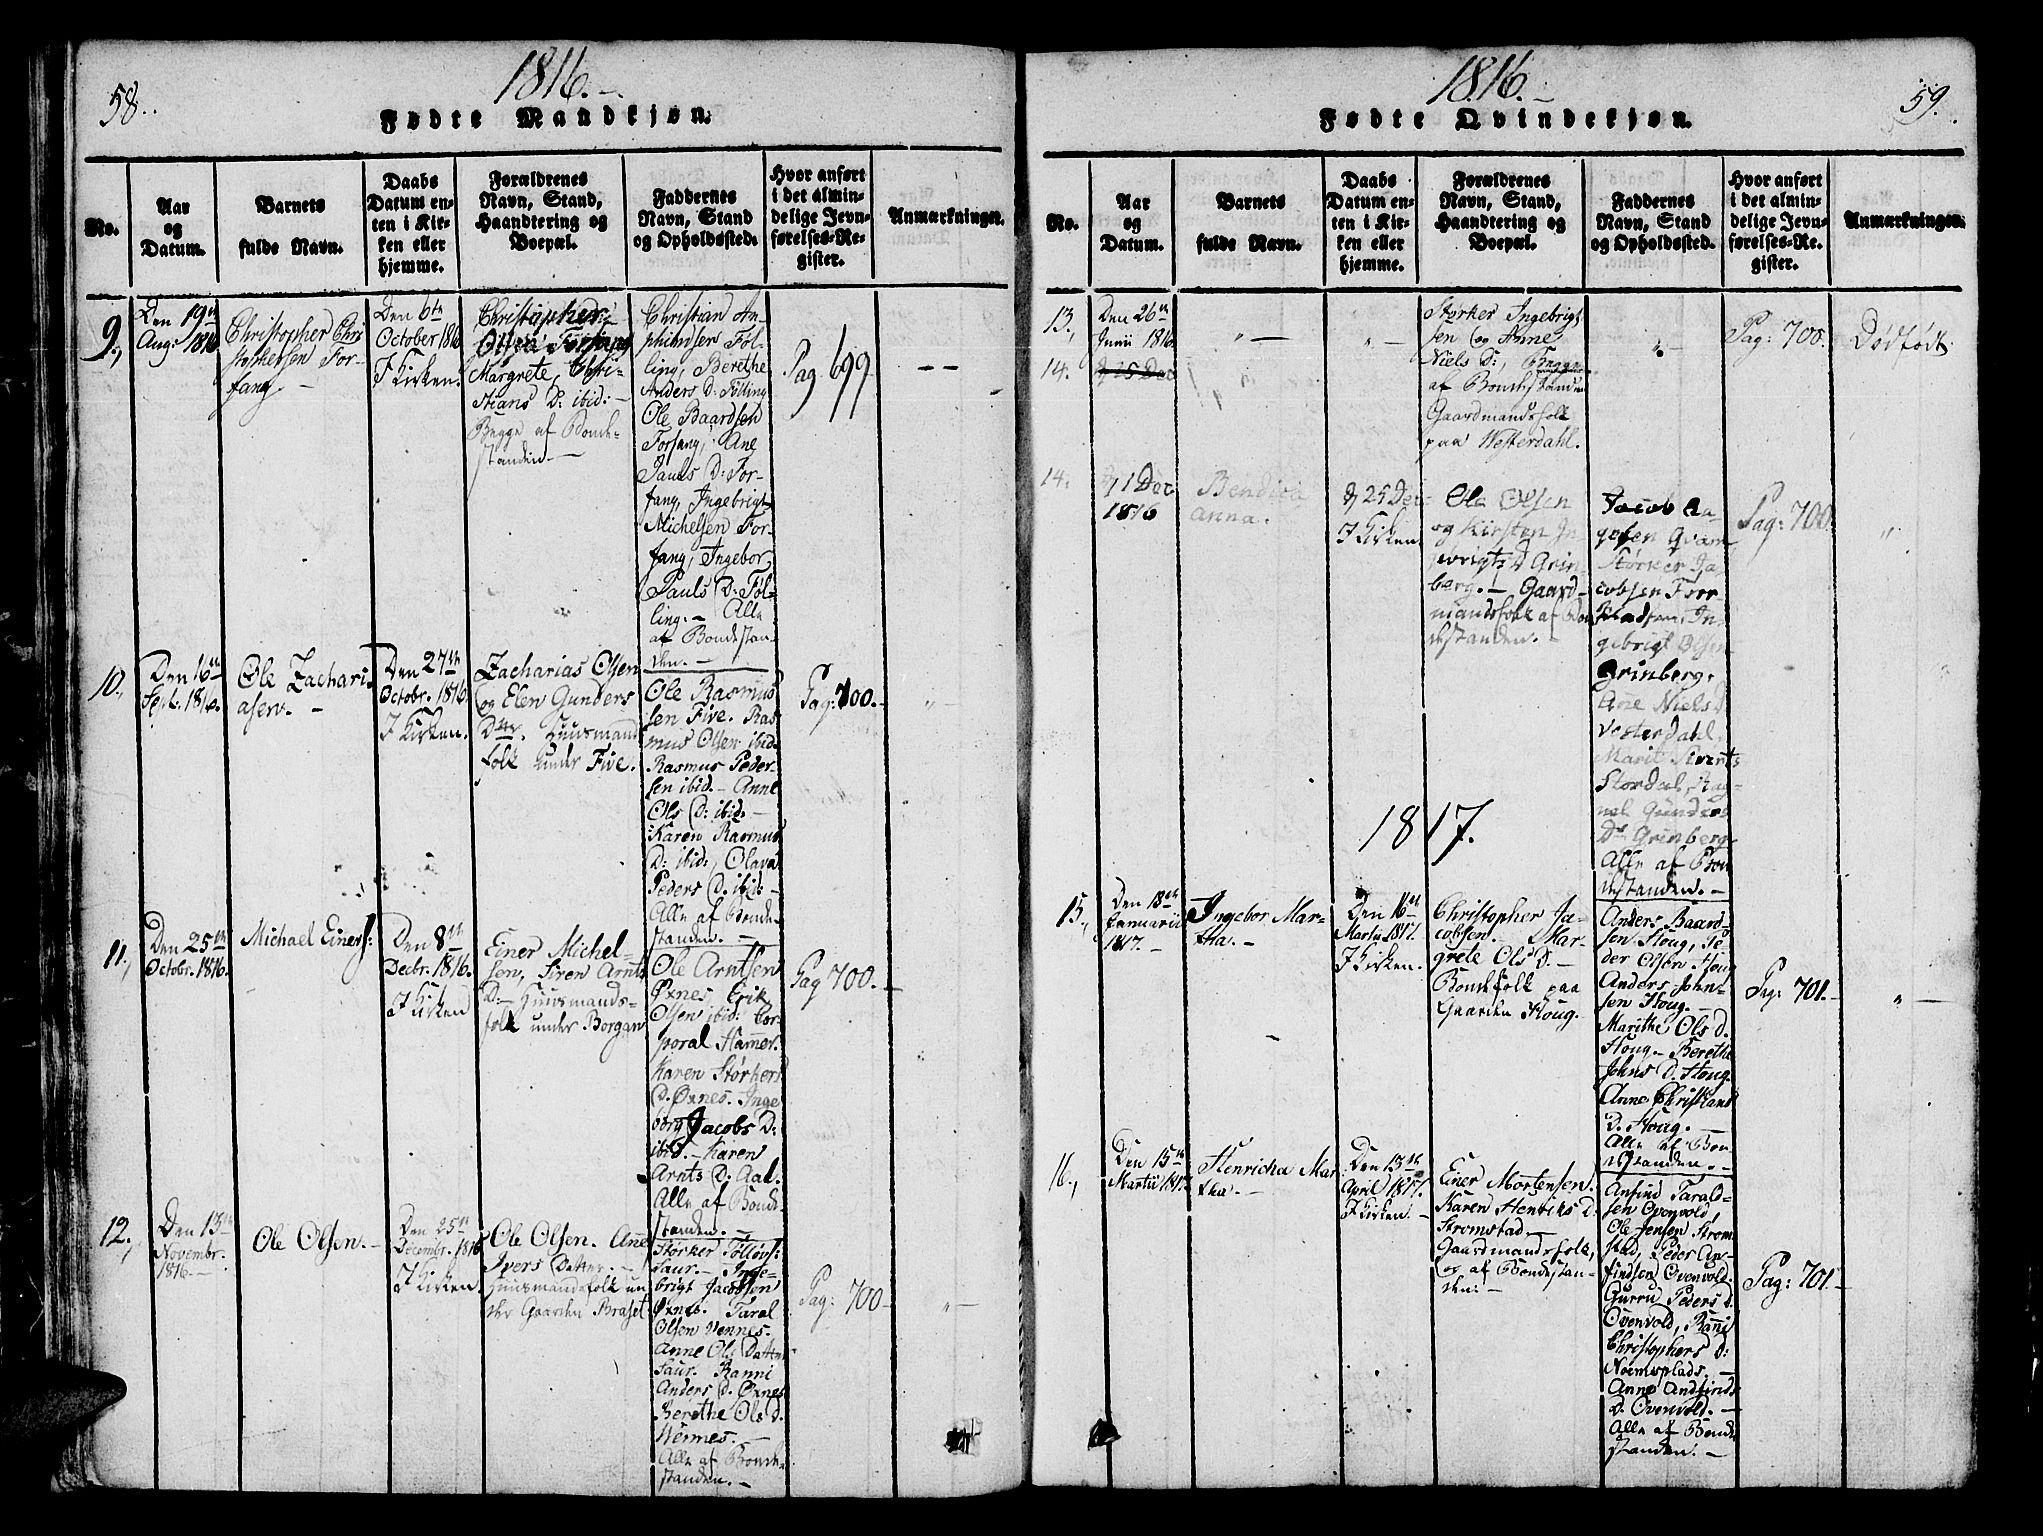 SAT, Ministerialprotokoller, klokkerbøker og fødselsregistre - Nord-Trøndelag, 746/L0441: Ministerialbok nr. 746A03 /2, 1816-1827, s. 58-59